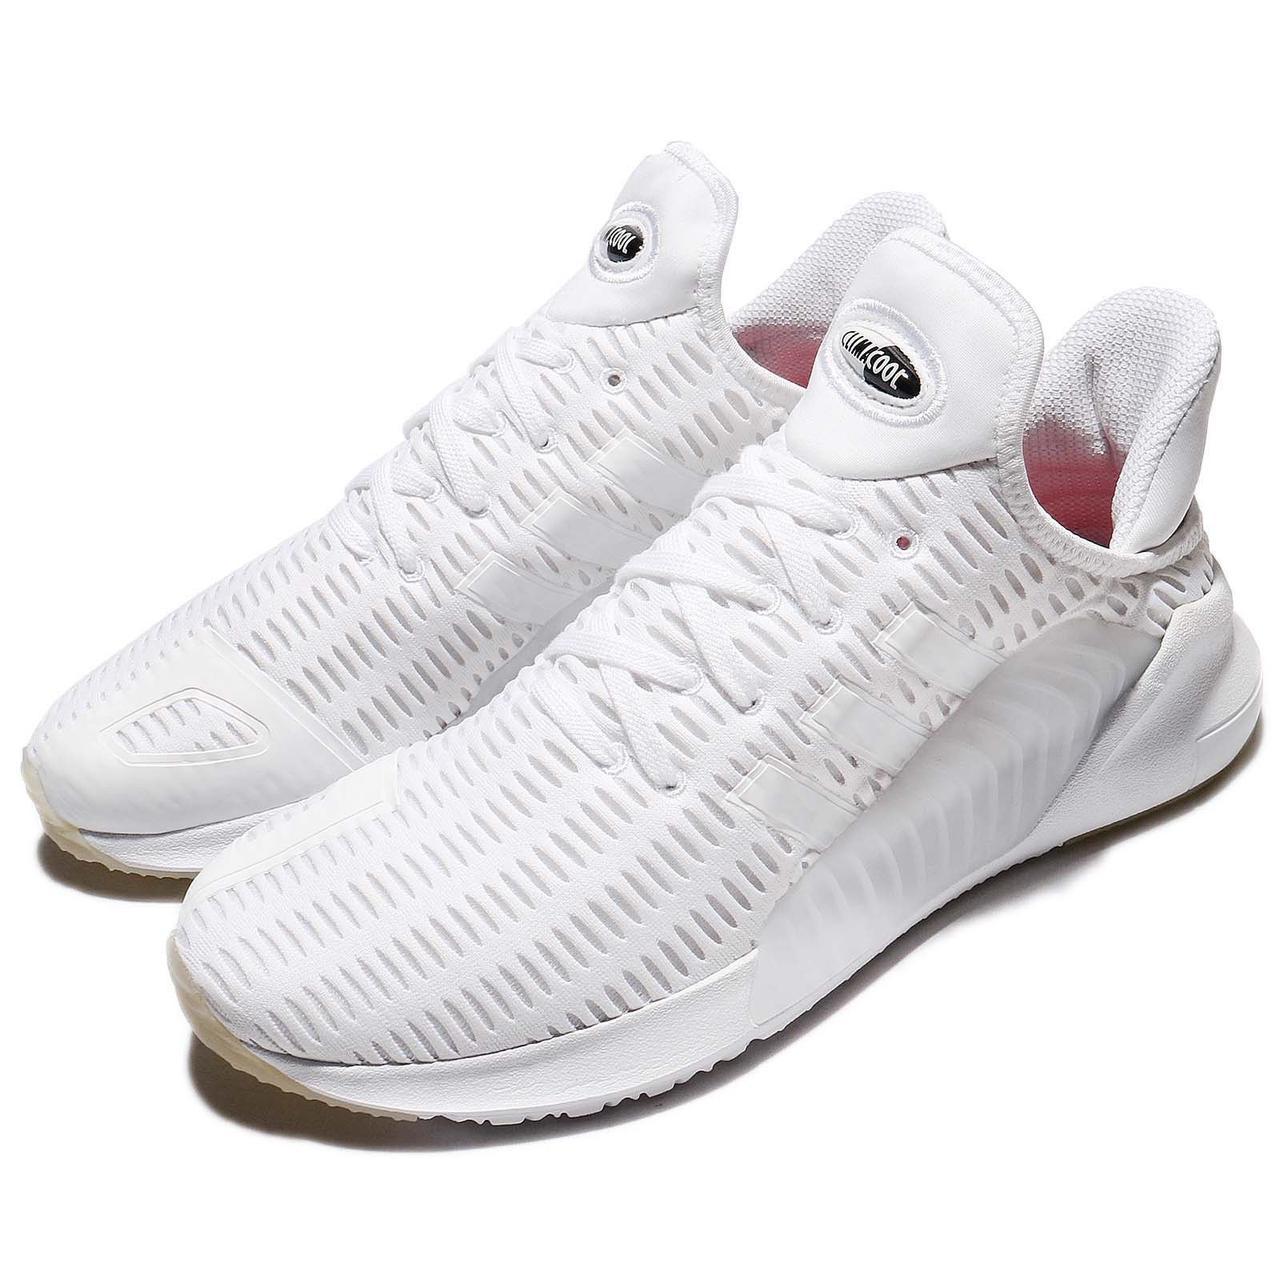 22e12b2e3 Оригинальные мужские кроссовки Adidas Climacool 02/17: продажа, цена ...